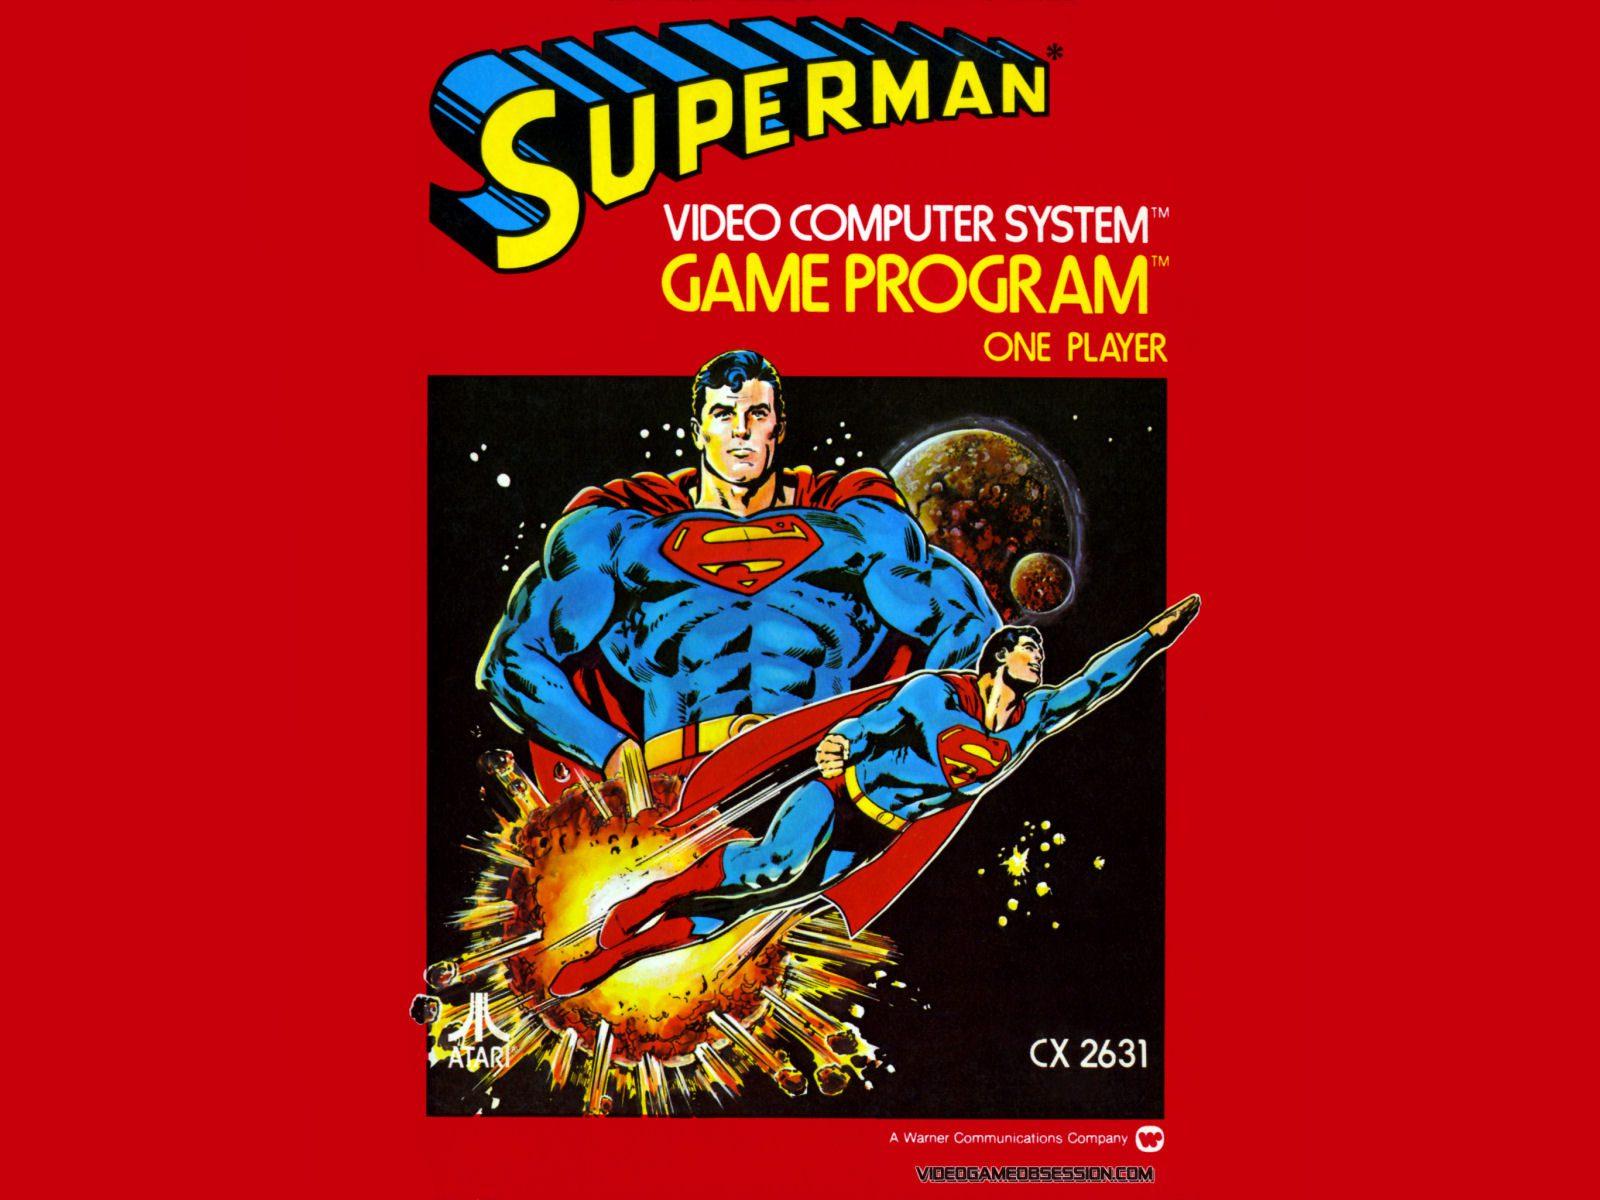 Nostalgia Knowledge – Superman The Game